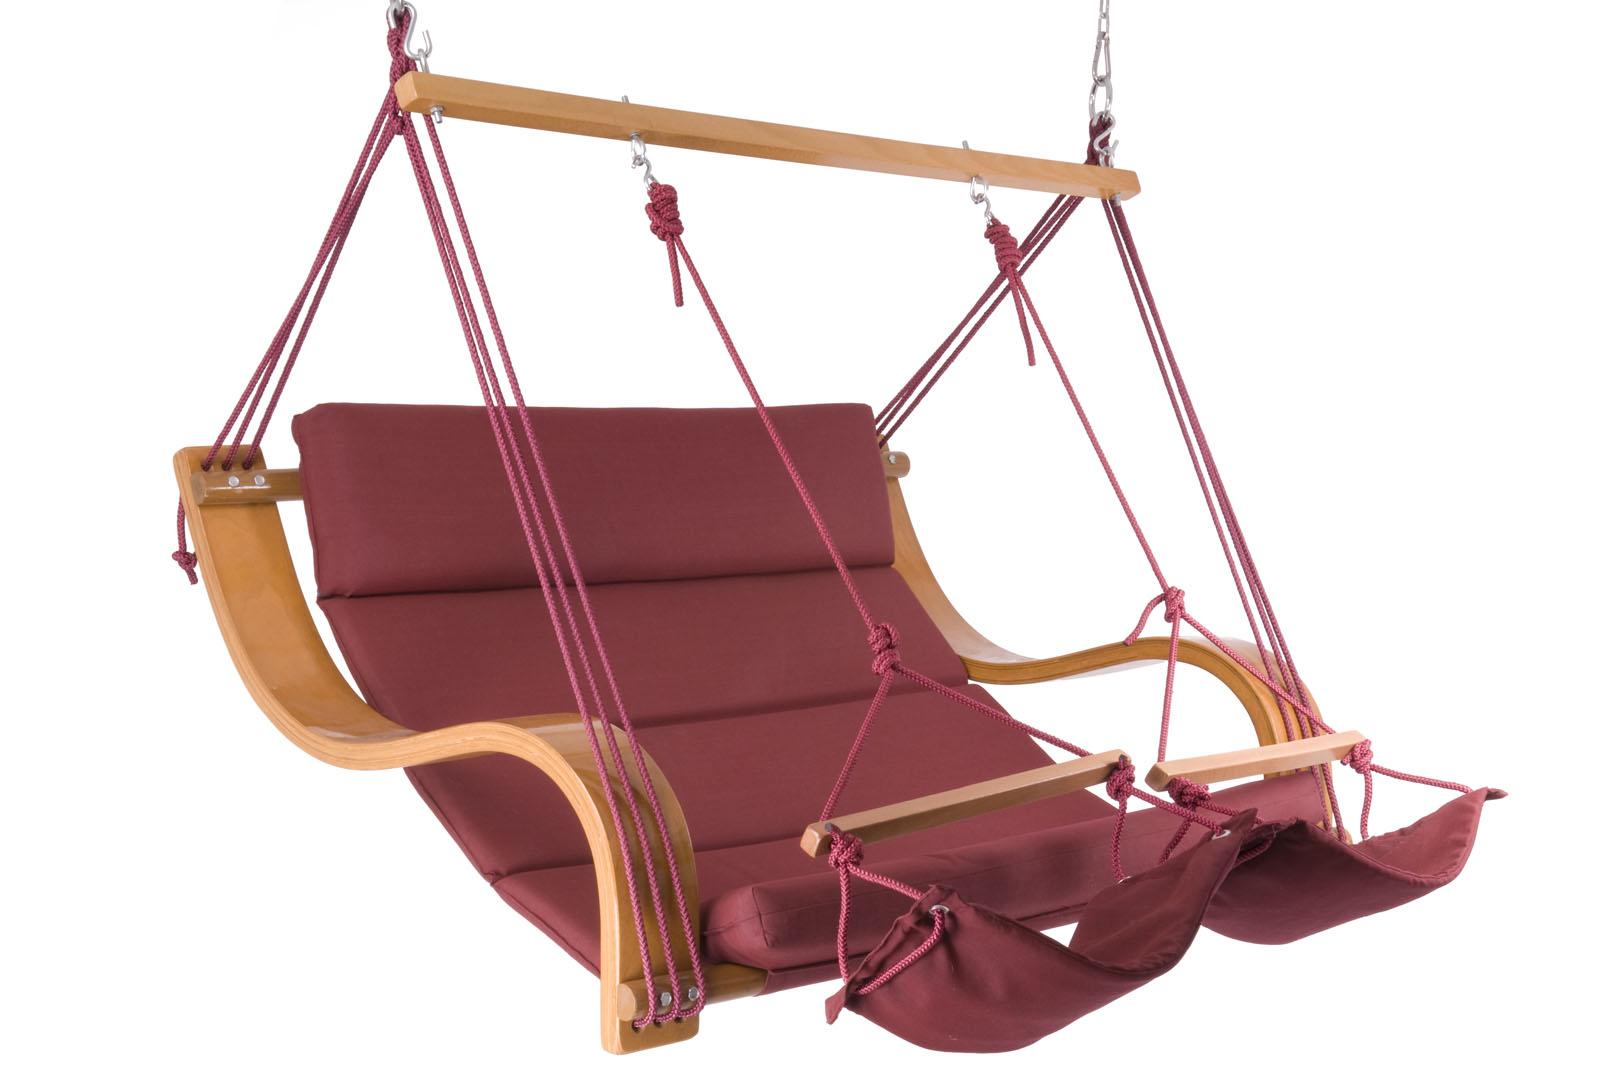 neu edeler luxus doppel h ngestuhl farbwahl ebay. Black Bedroom Furniture Sets. Home Design Ideas